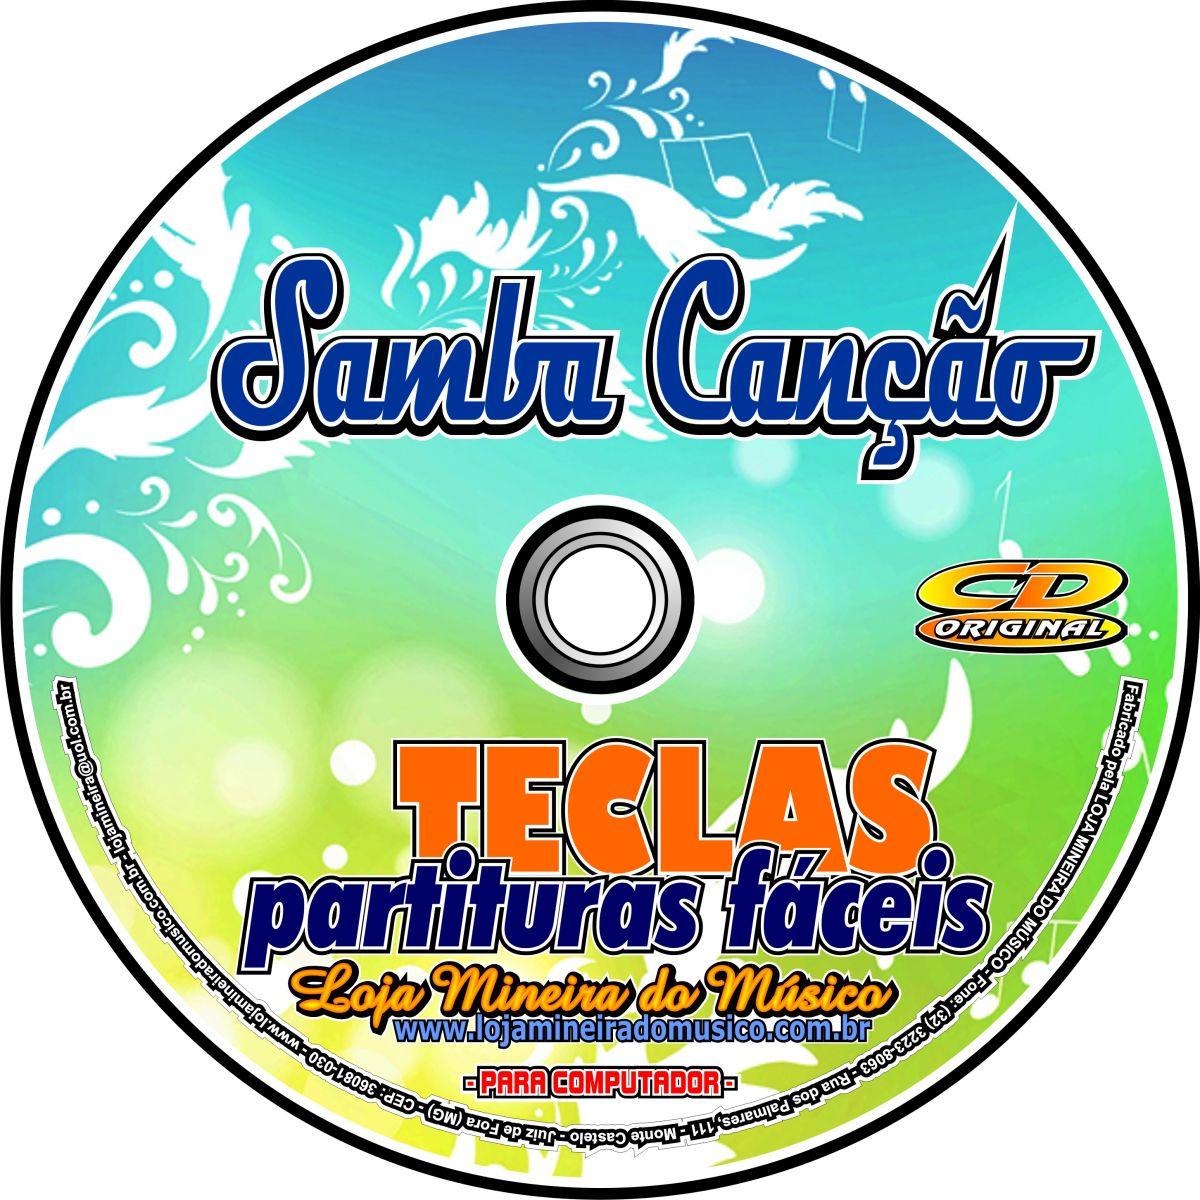 Samba Canção Partituras Fáceis na Clave de Sol | Partituras de Samba (sem playbacks)